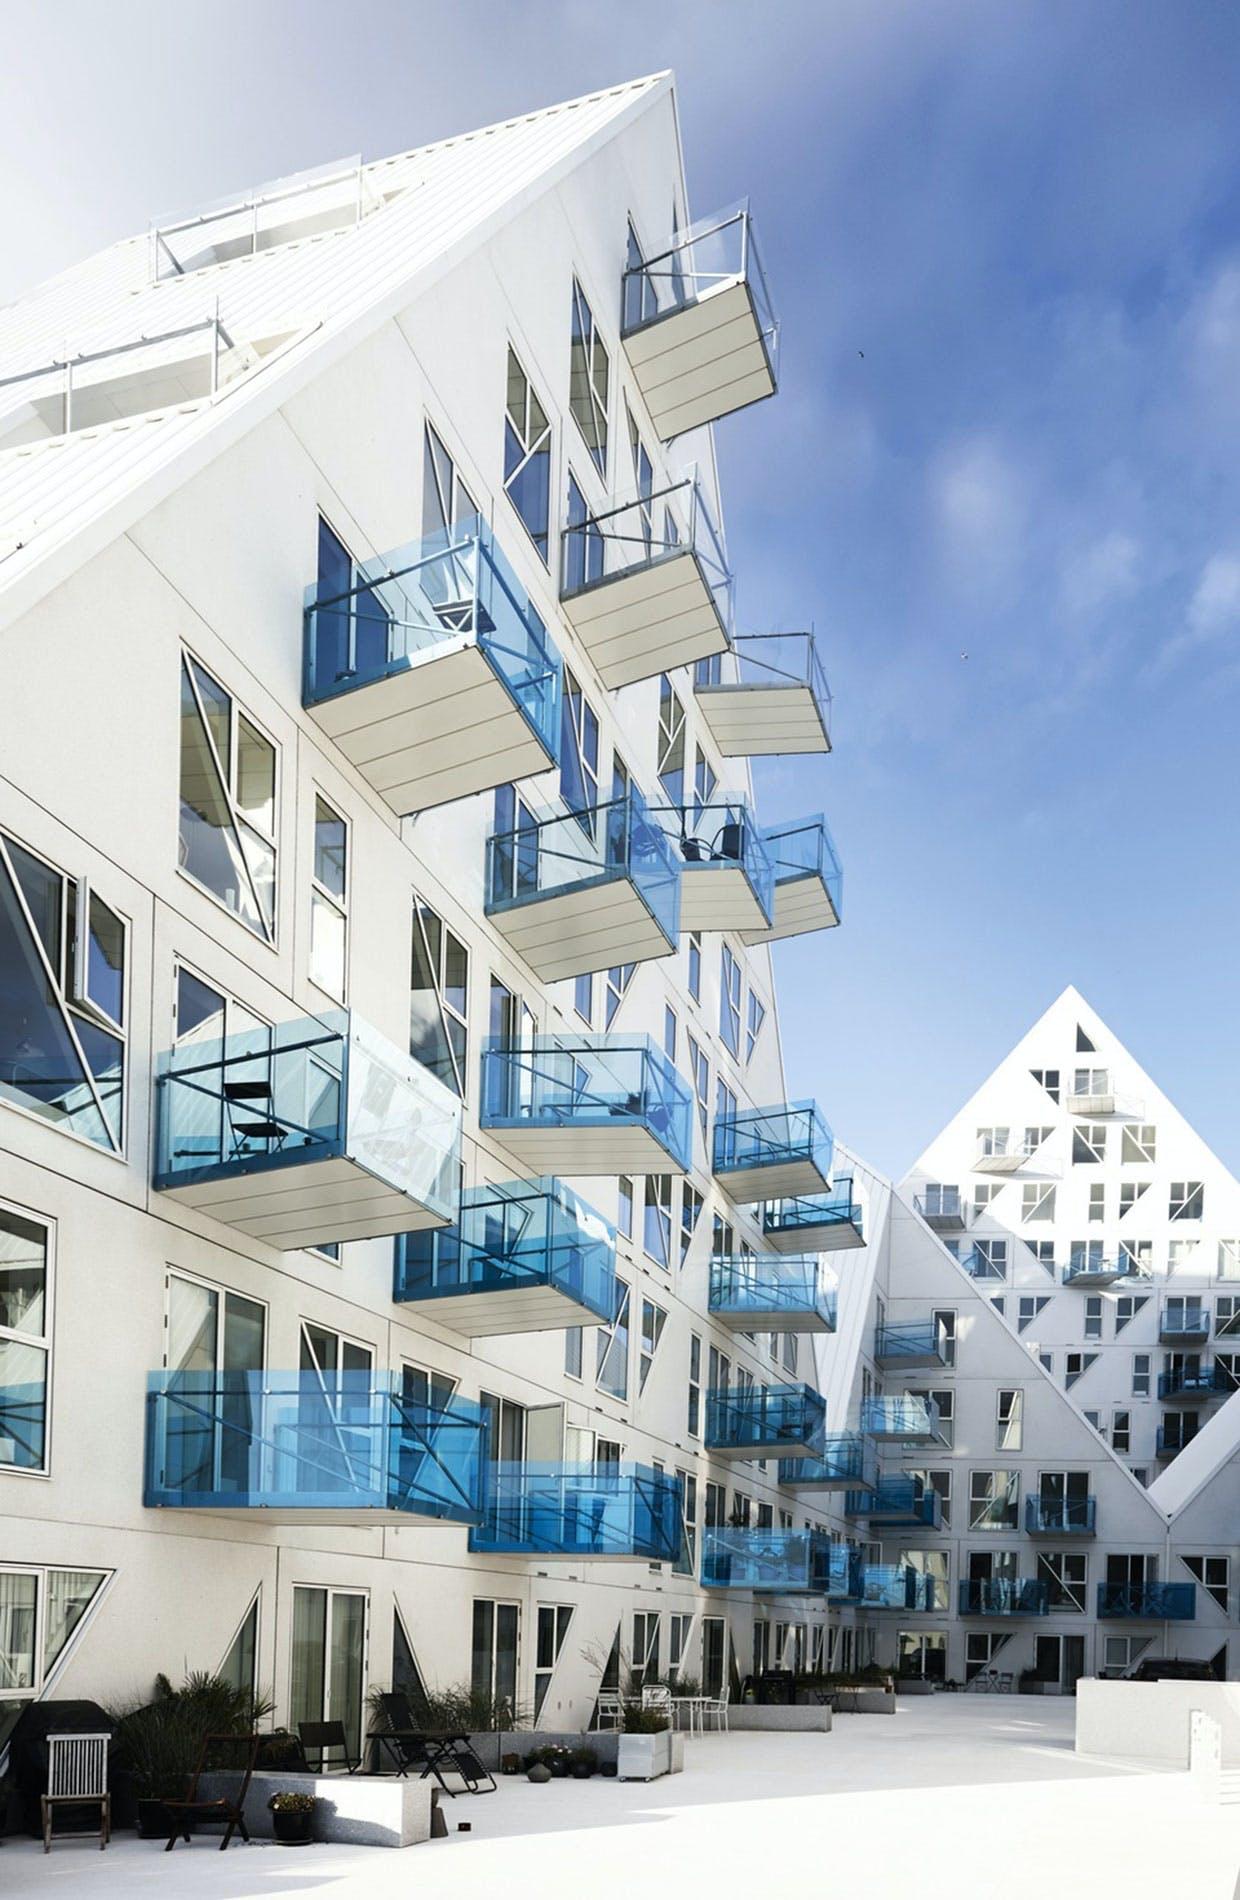 Isbjerget i Århus. Prisvindende byggeri af blandt andet CEBRA og JDS Architects